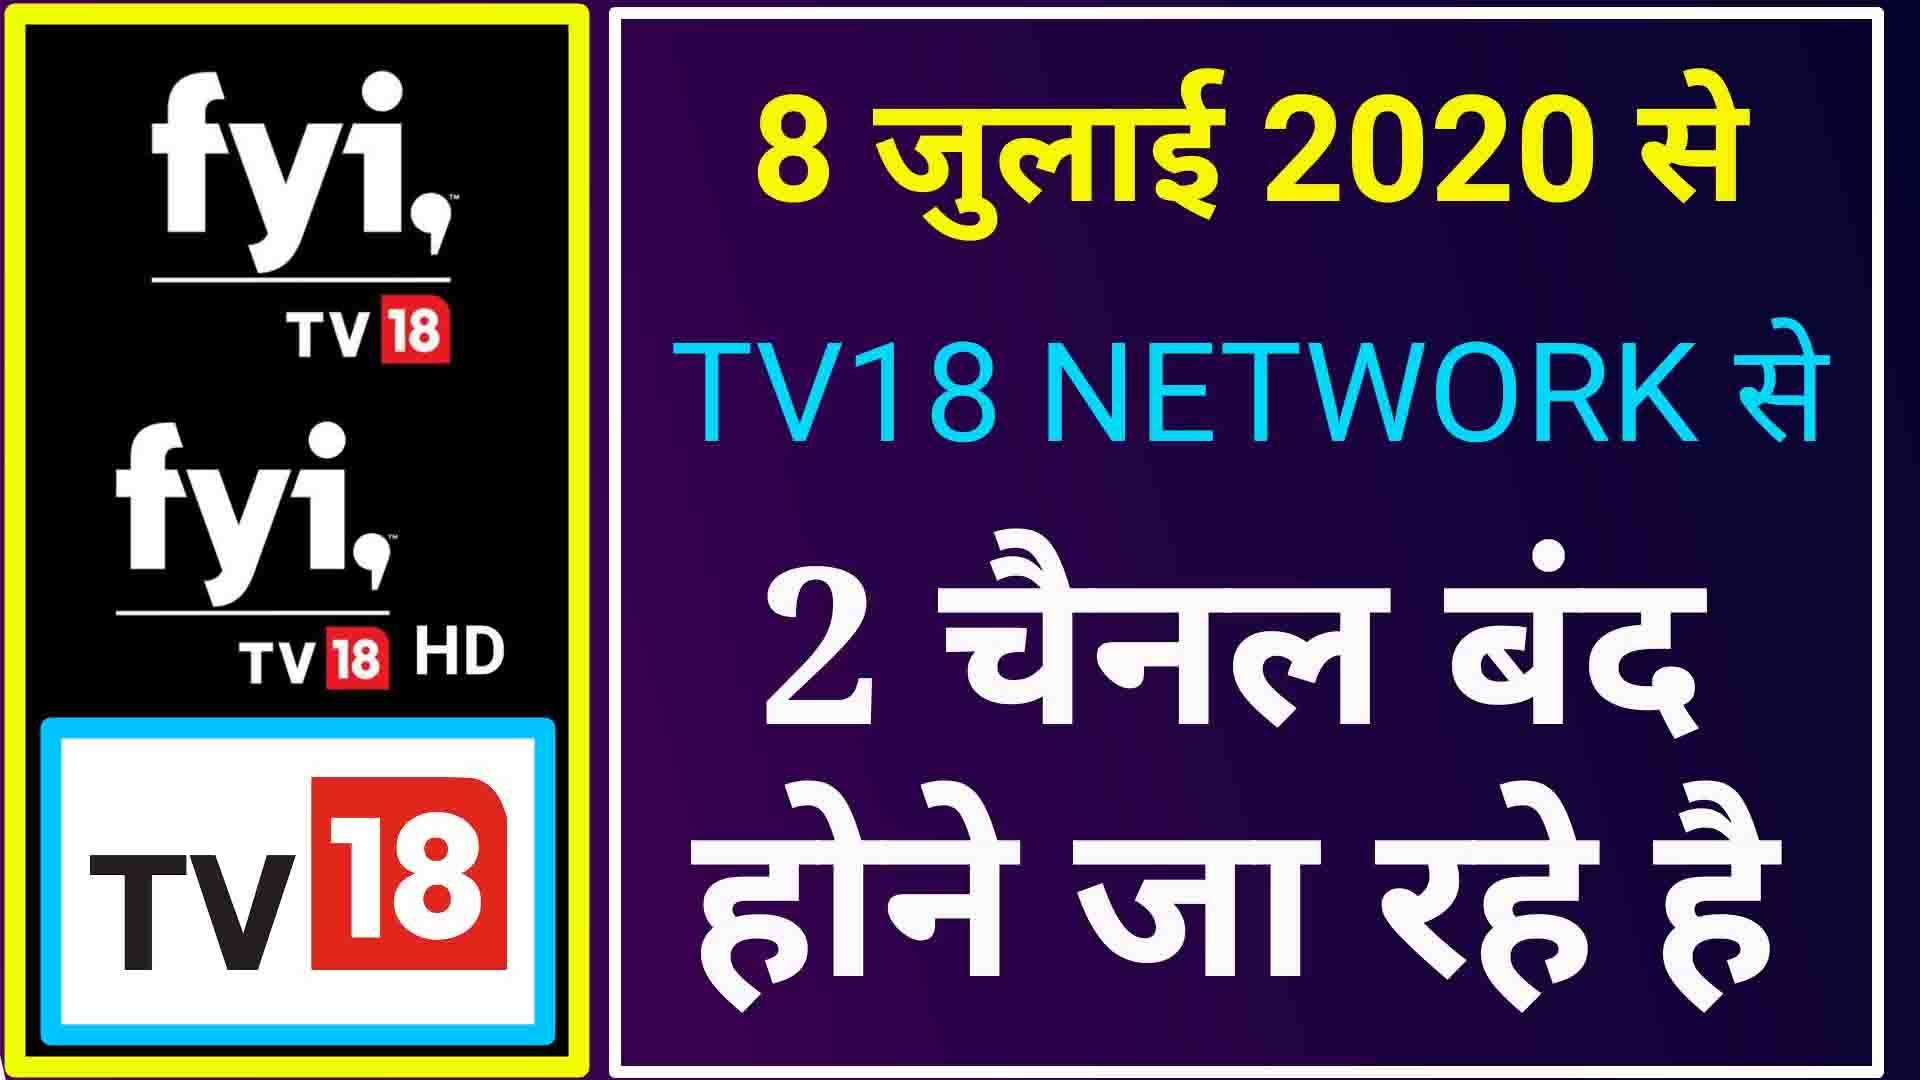 FYI TV18 Video 1